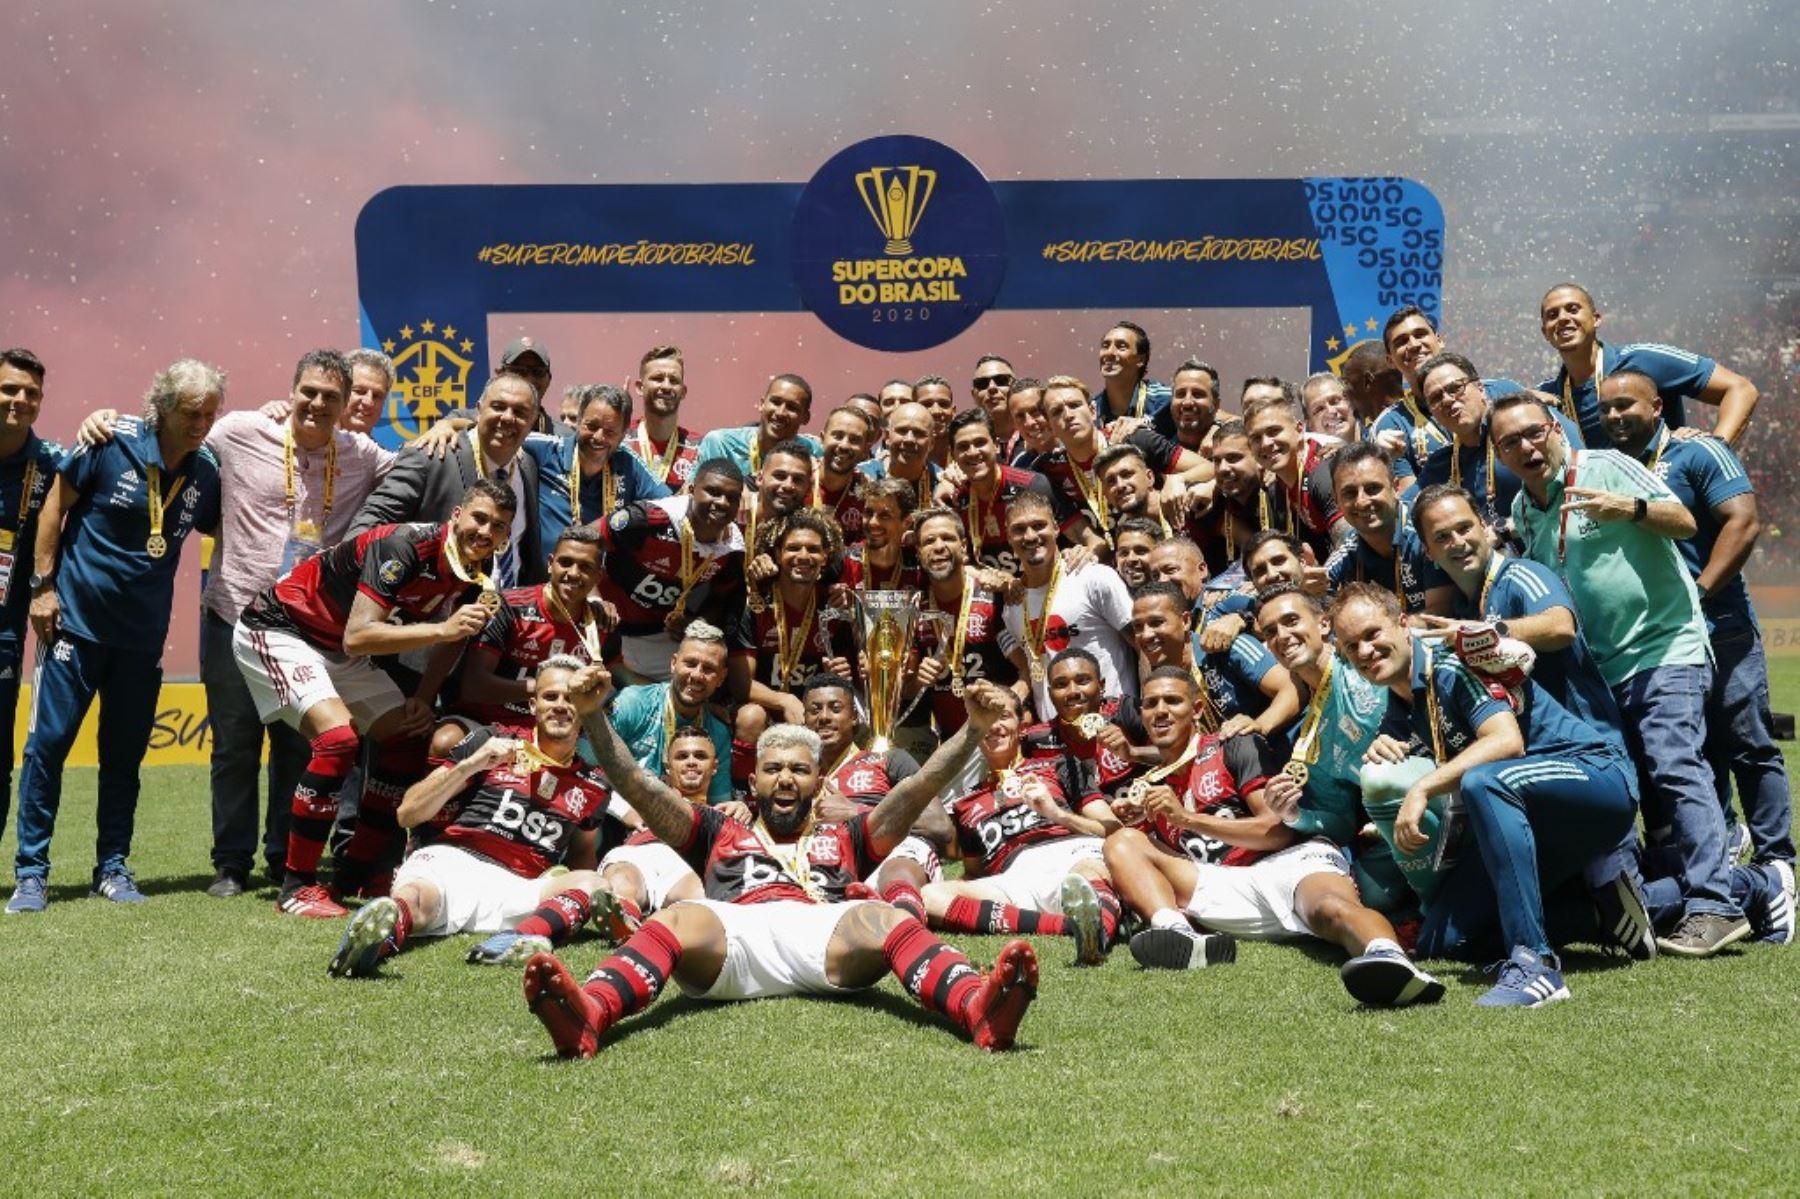 Flamengo se adjudicó este domingo por primera vez en su historia la Supercopa de Brasil al imponerse por 3-0 en la final al Athlético Paranaense